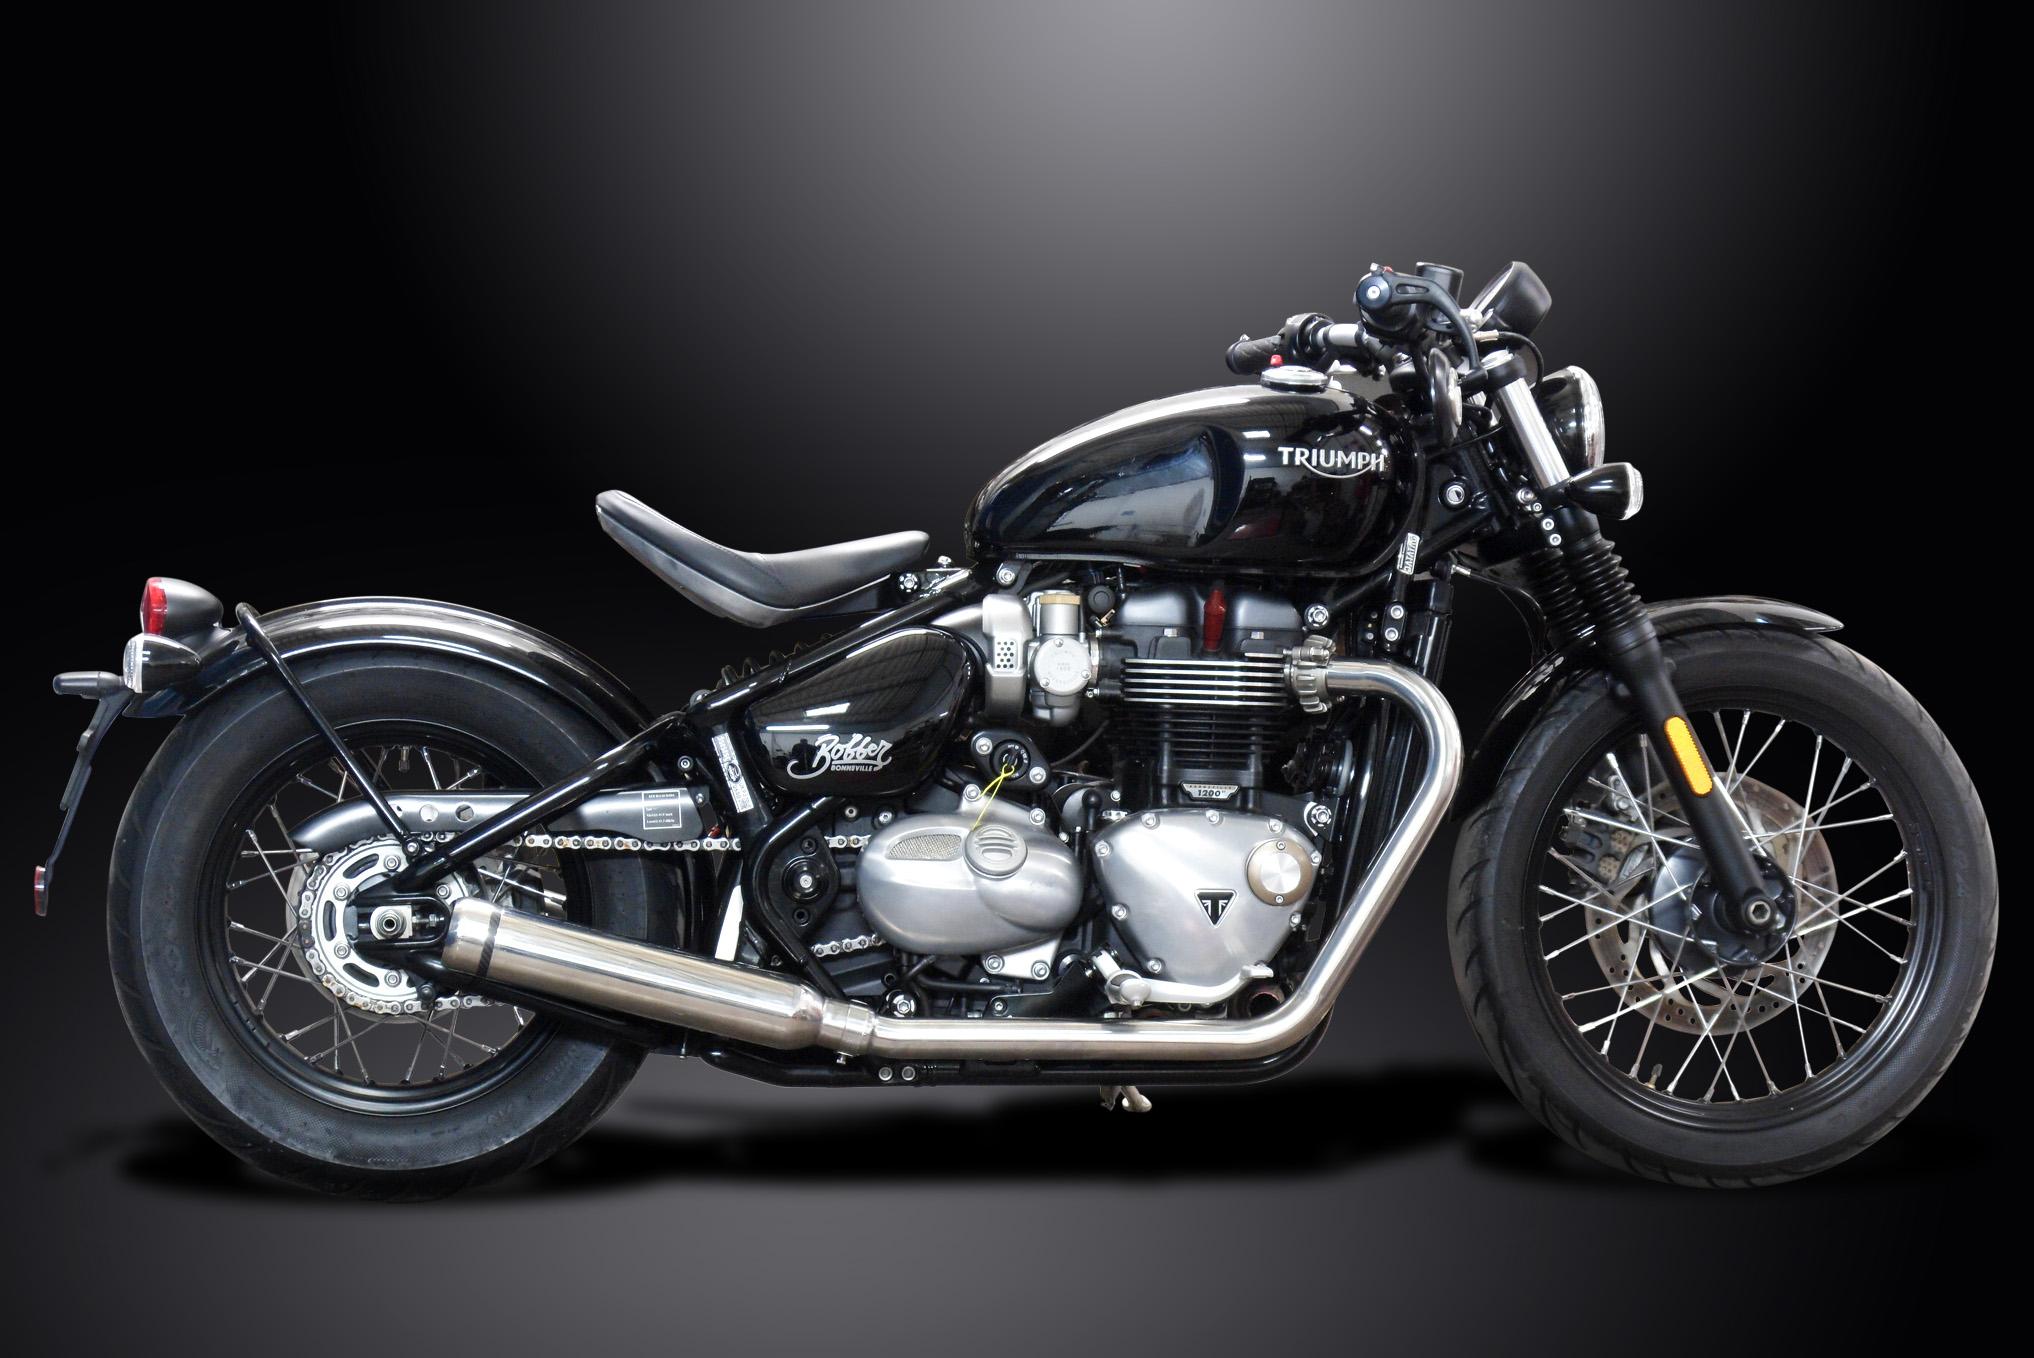 triumph bonneville bobber delkevic stainless steel custom